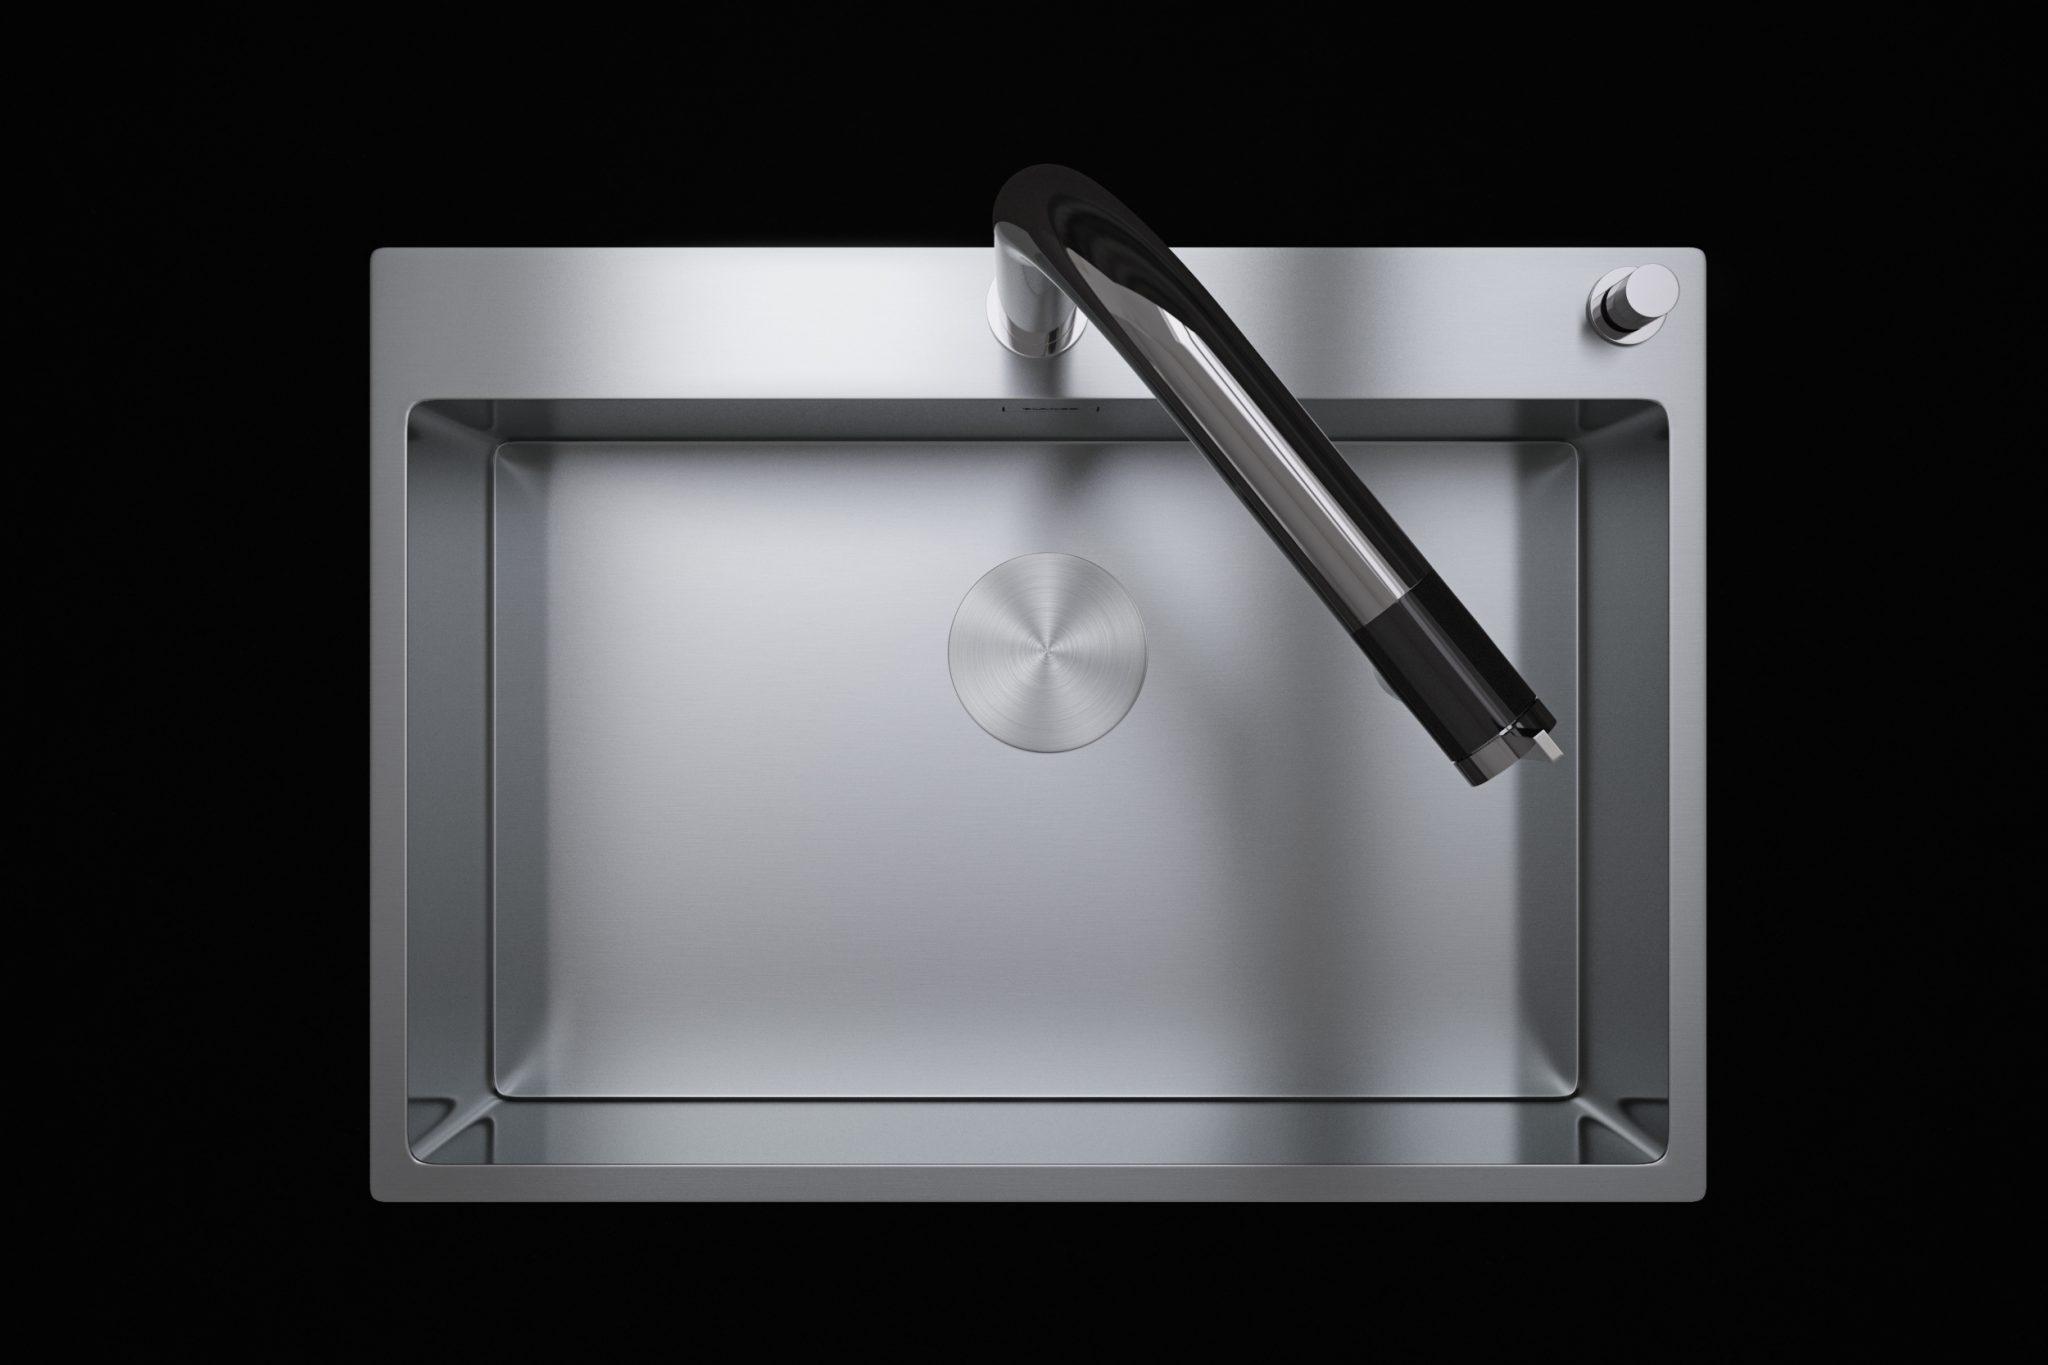 3D produkt visualisering af Blanco stålvask